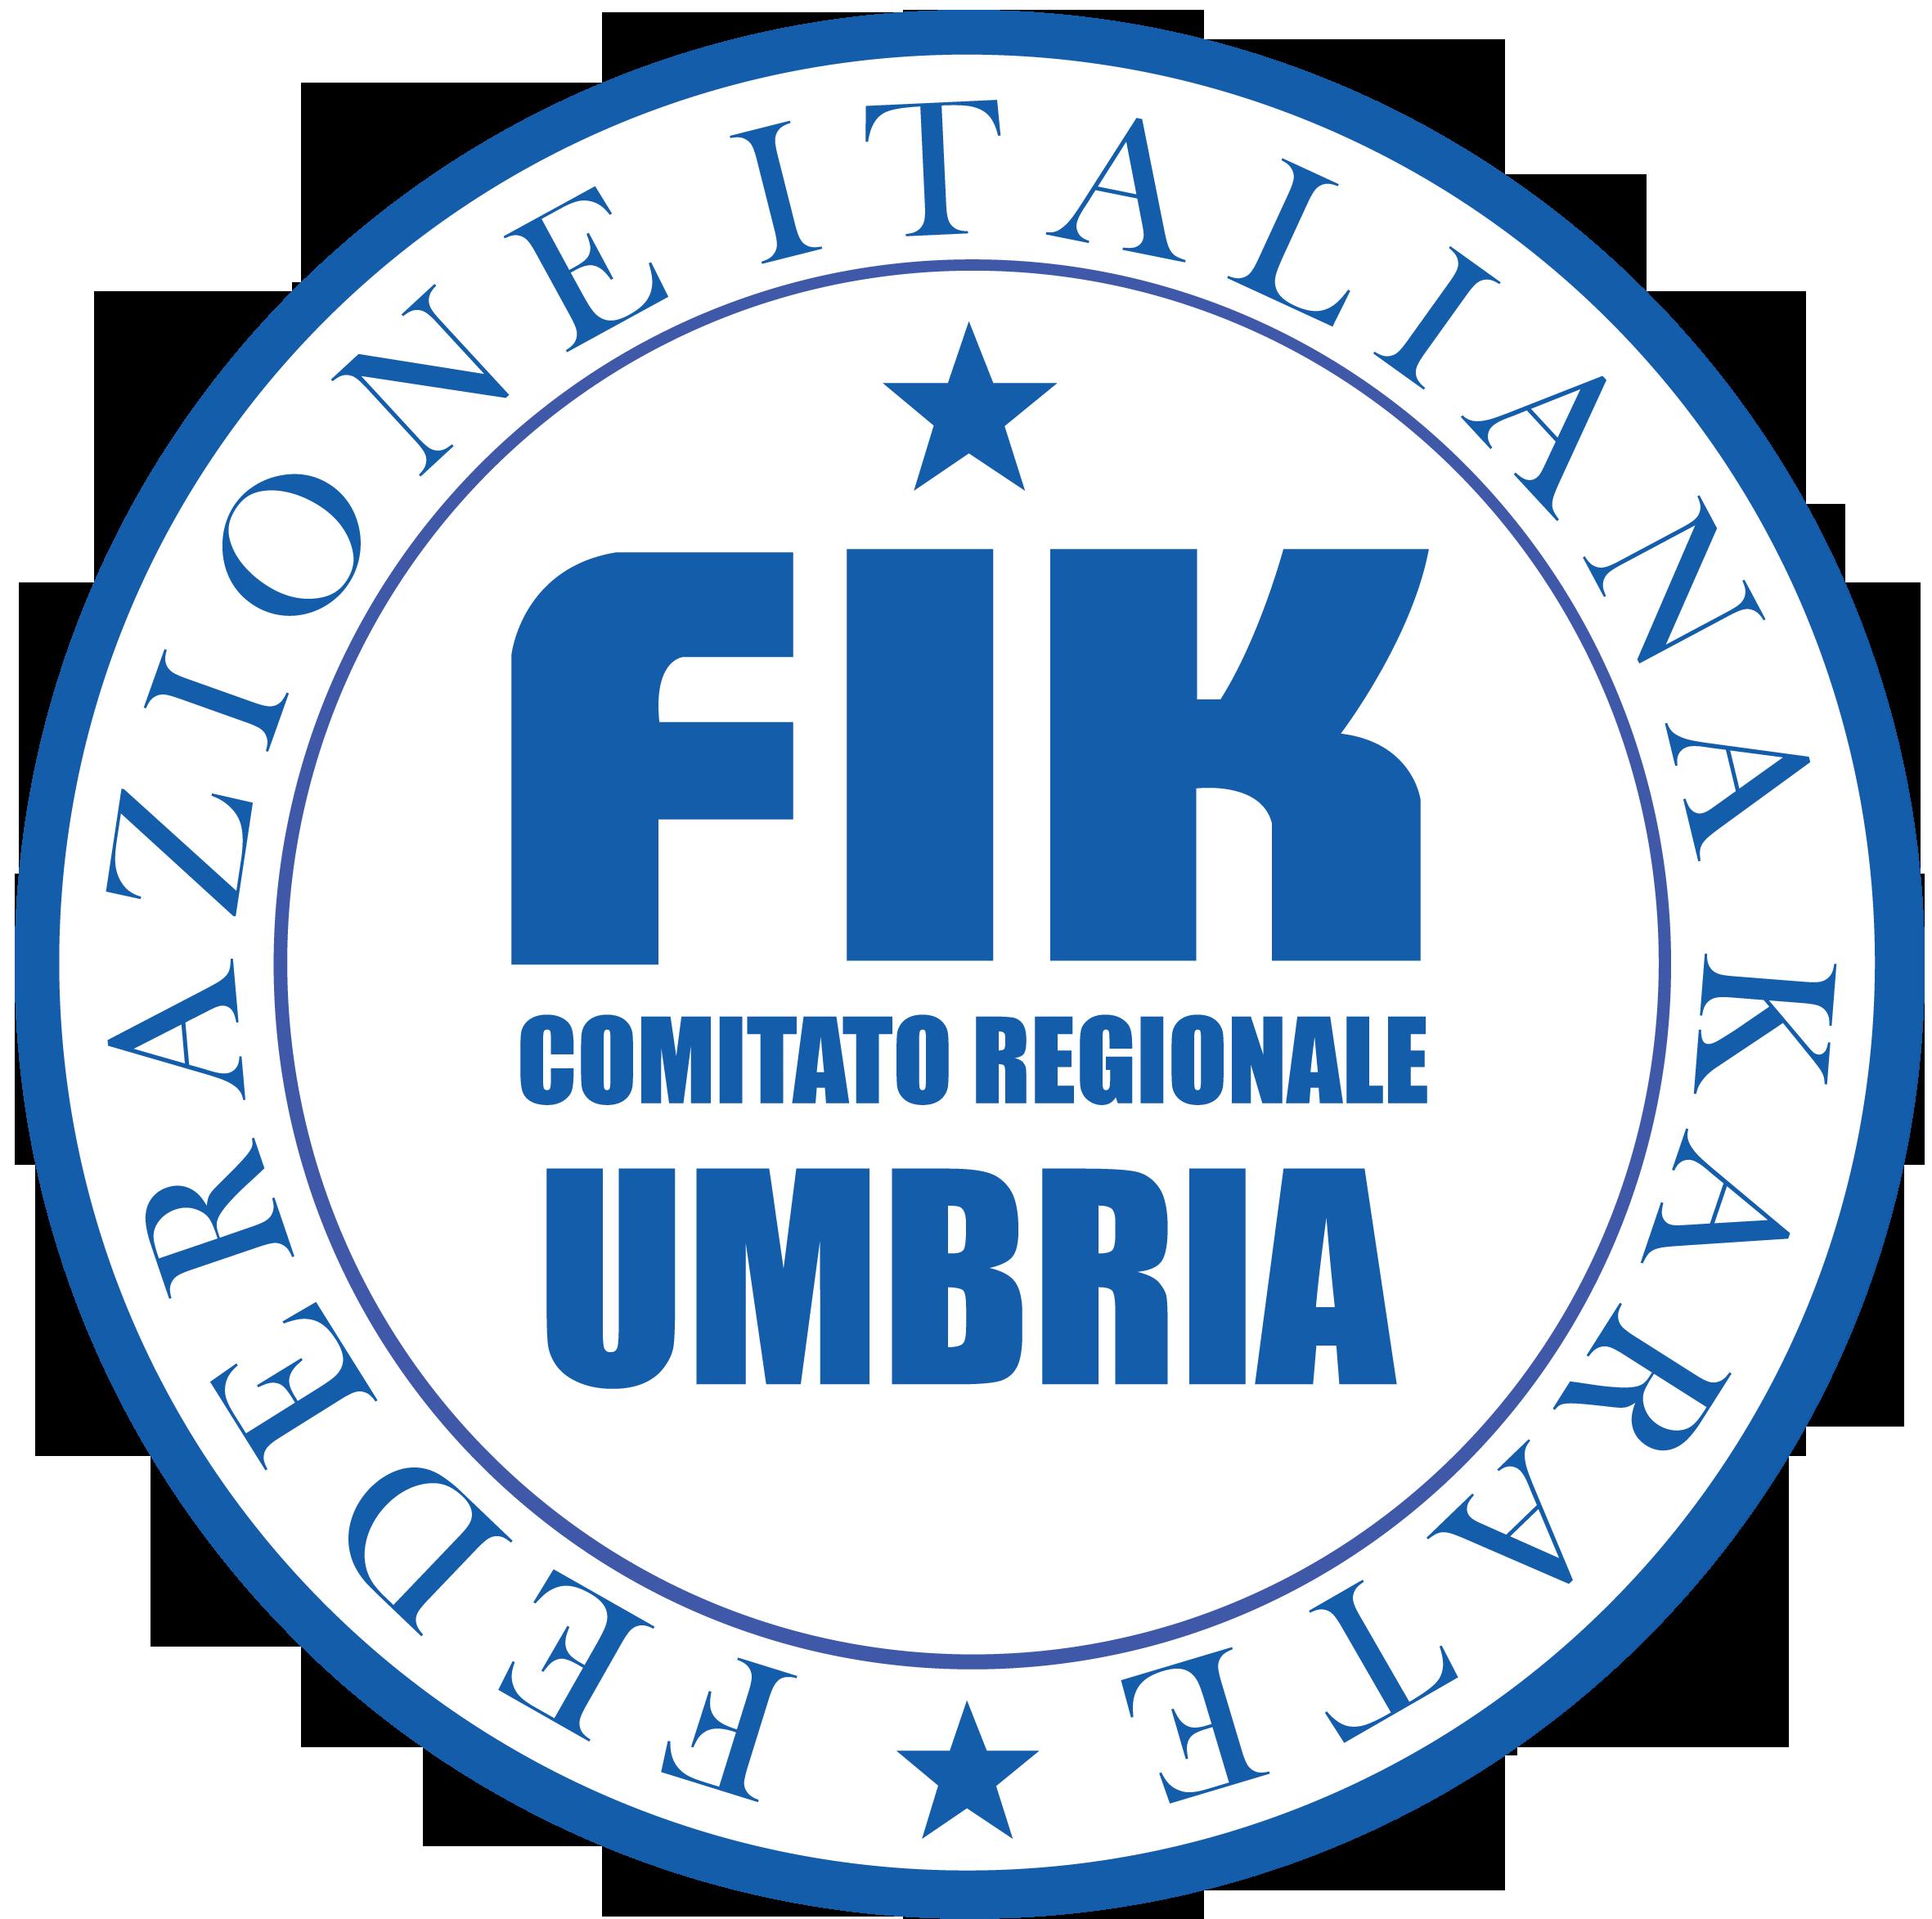 Comitato Regionale Umbria